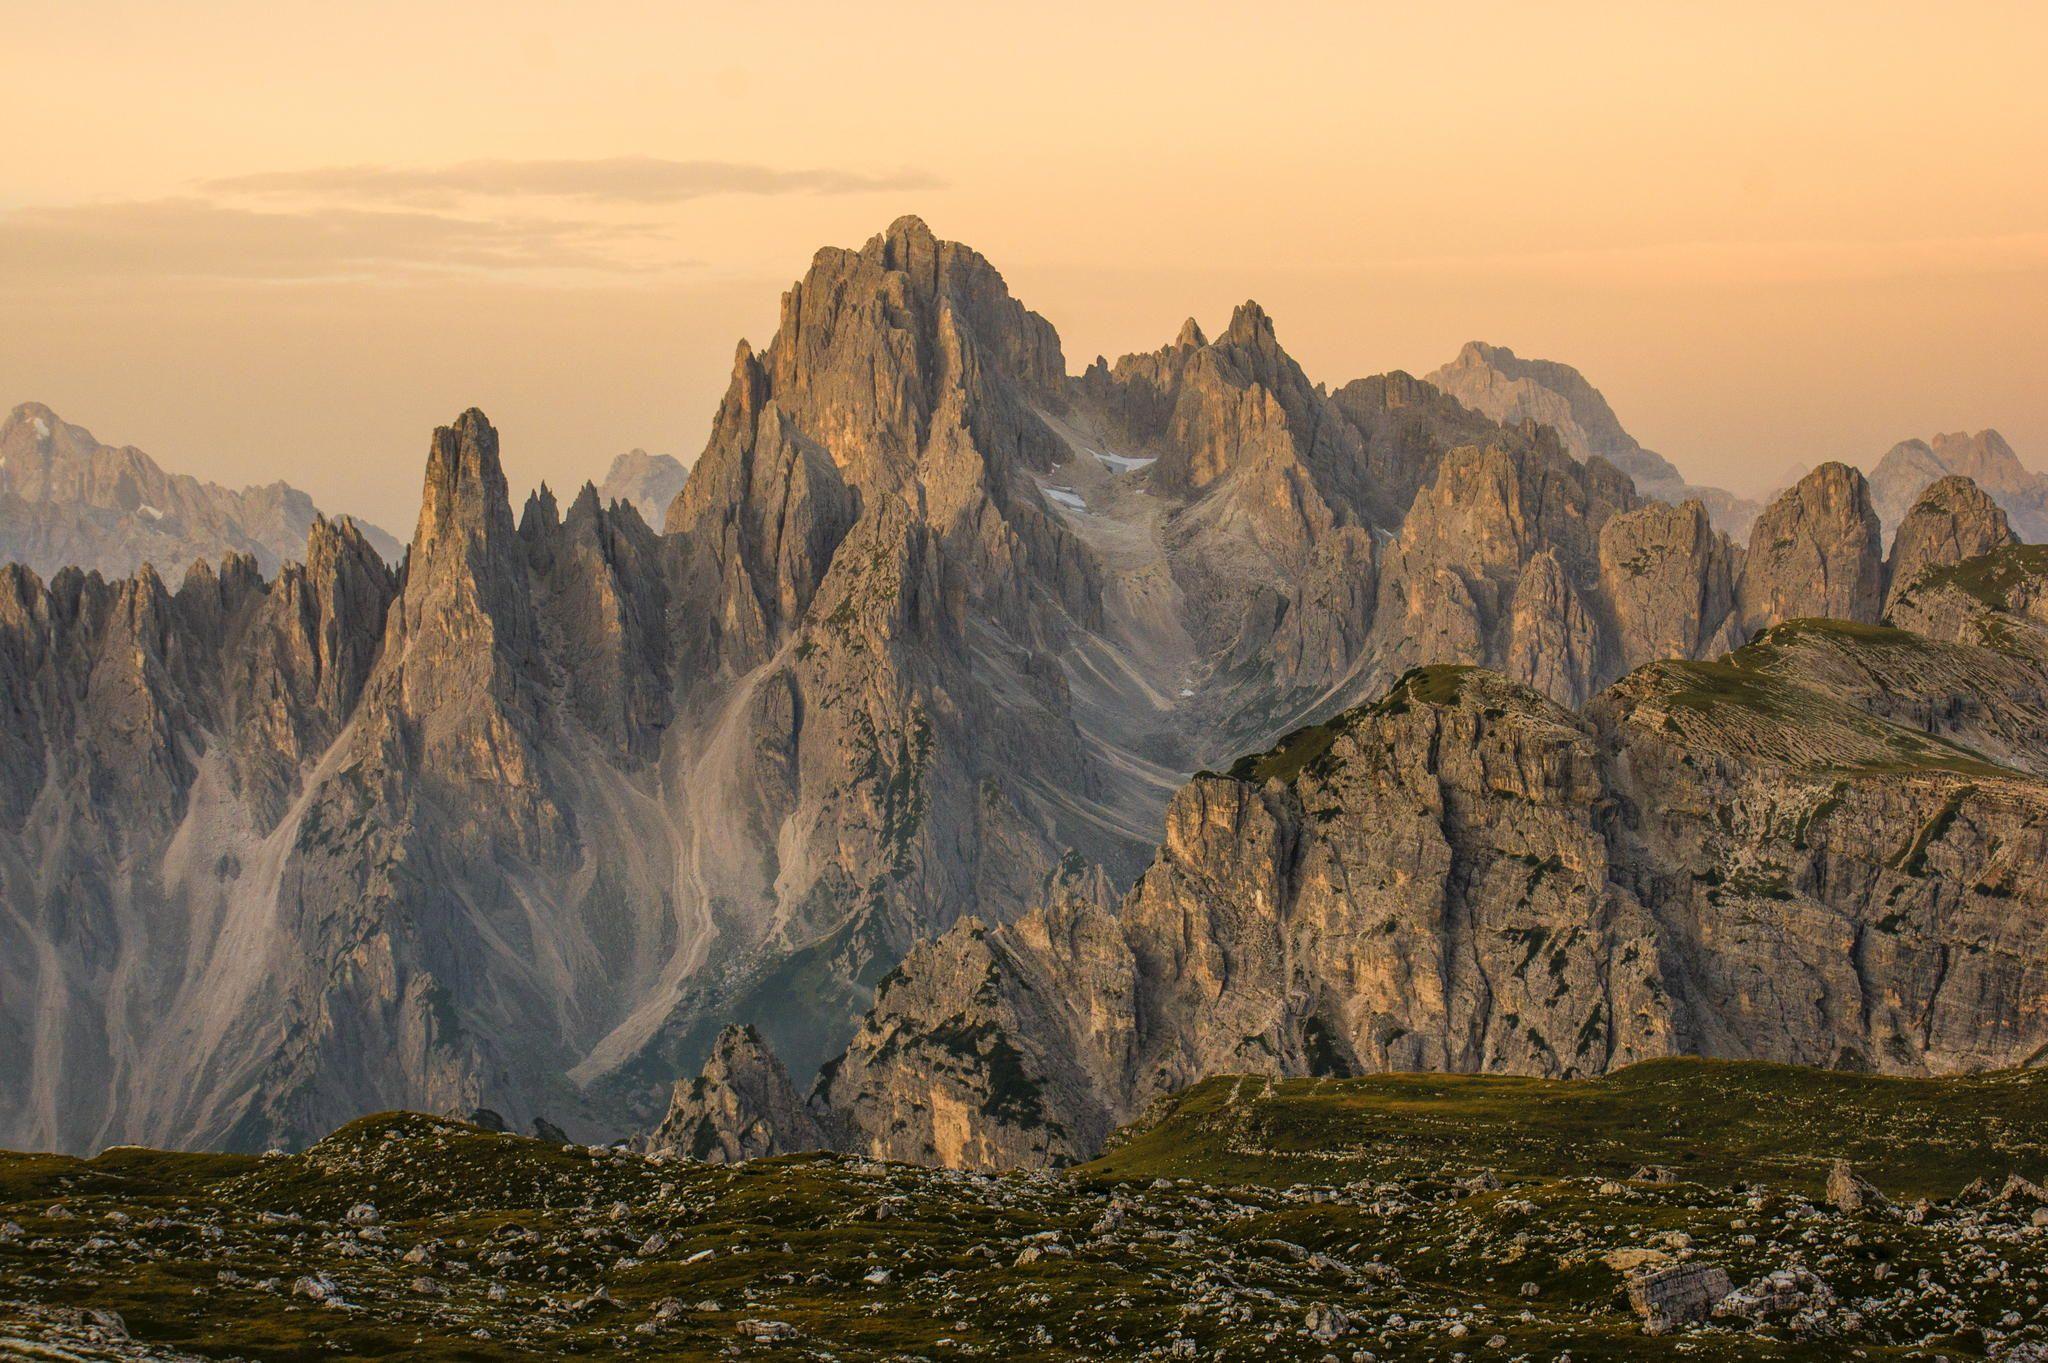 Die Cadinspitzen im Morgenlicht by Thomas Hoflacher on 500px